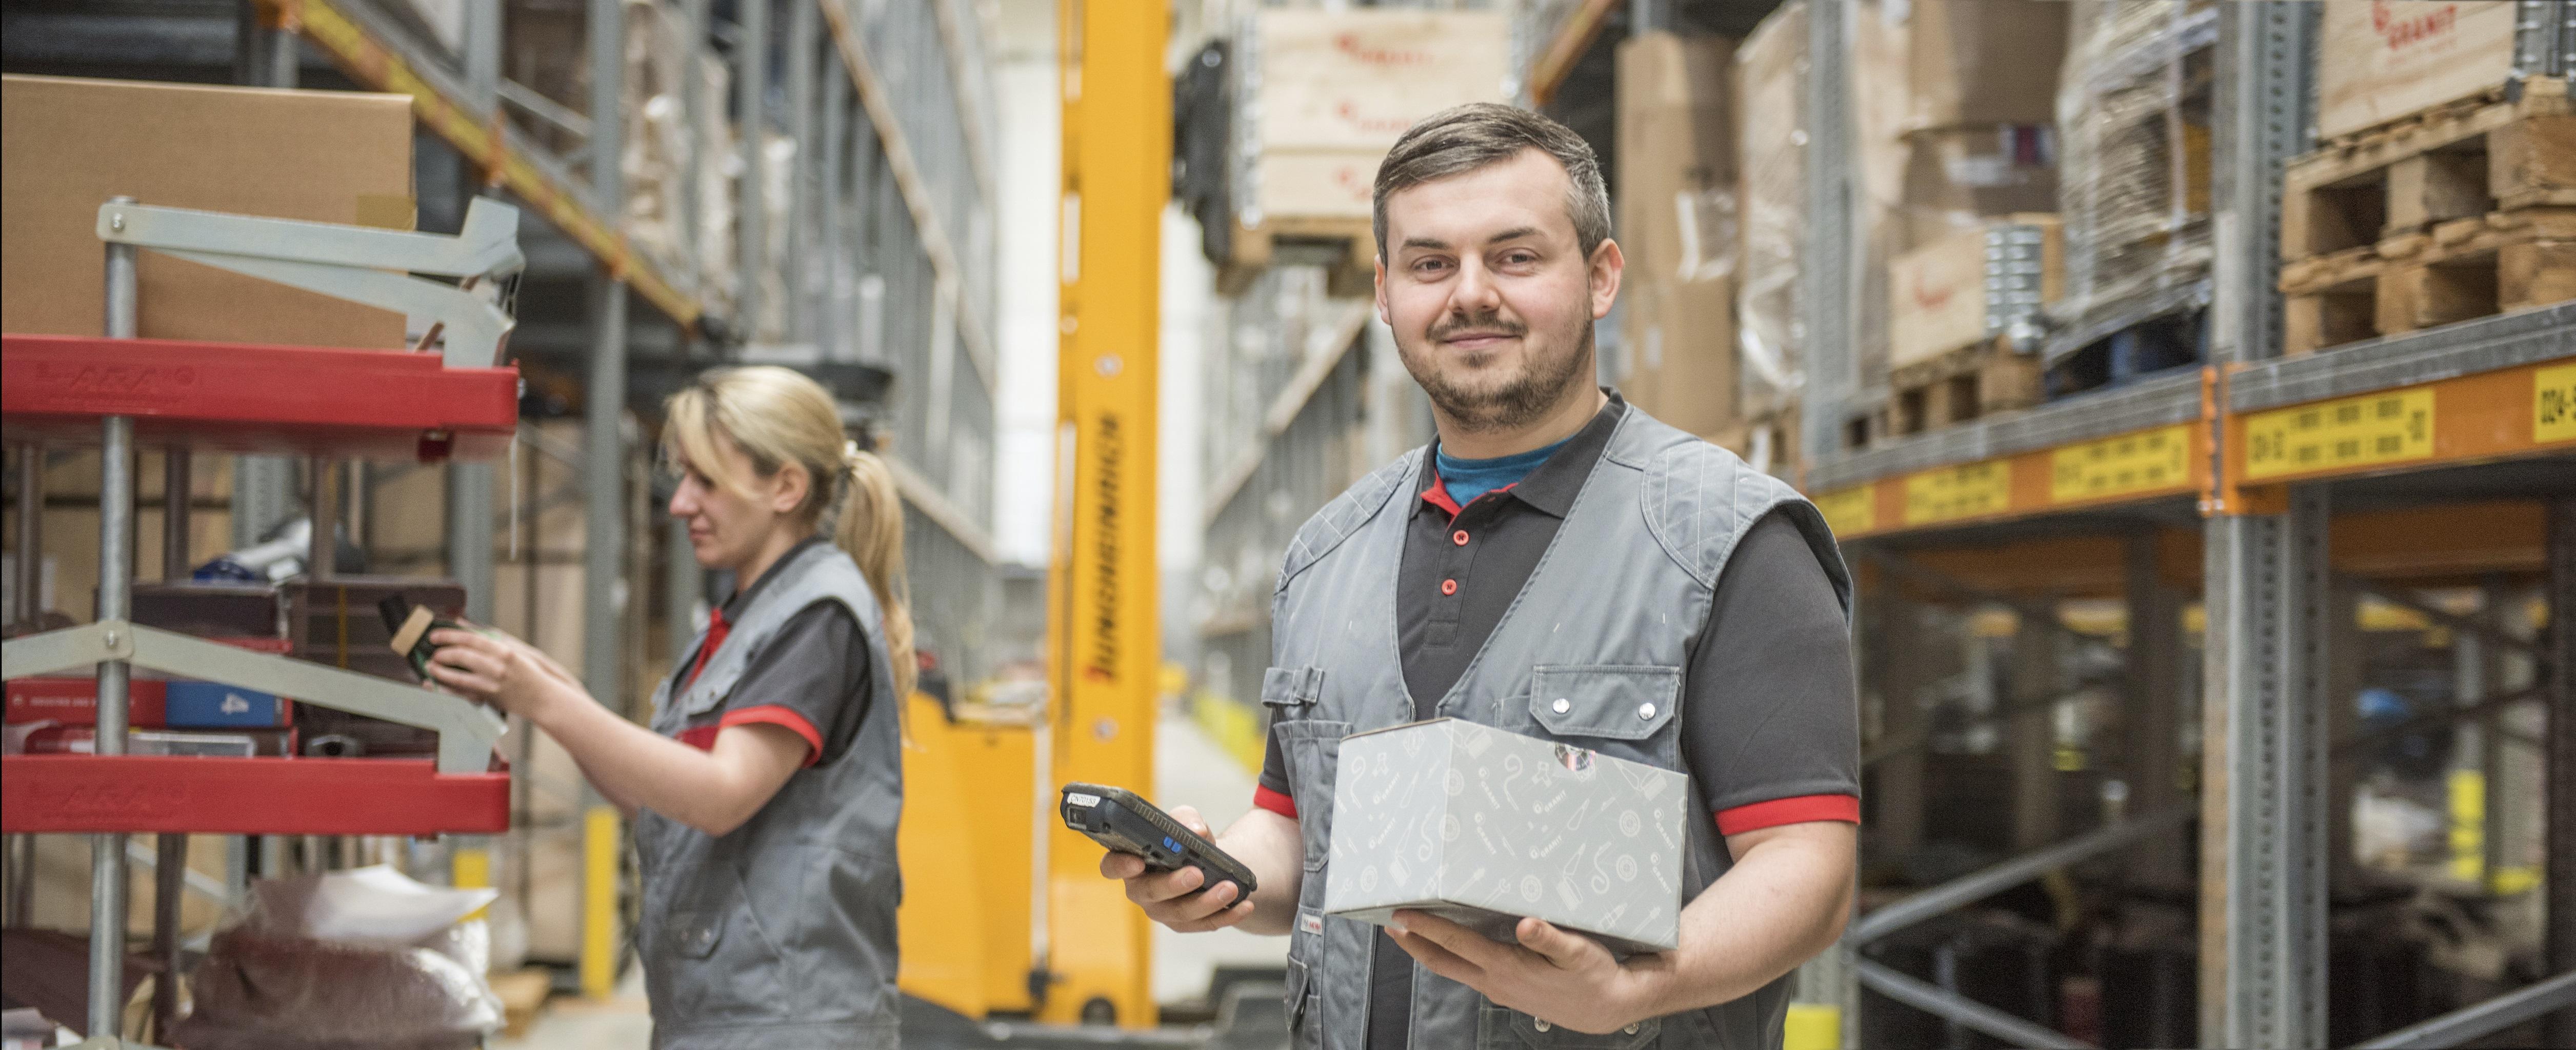 Logistik-Mitarbeiter (m/w/d) in Teilzeit (nachmittags)